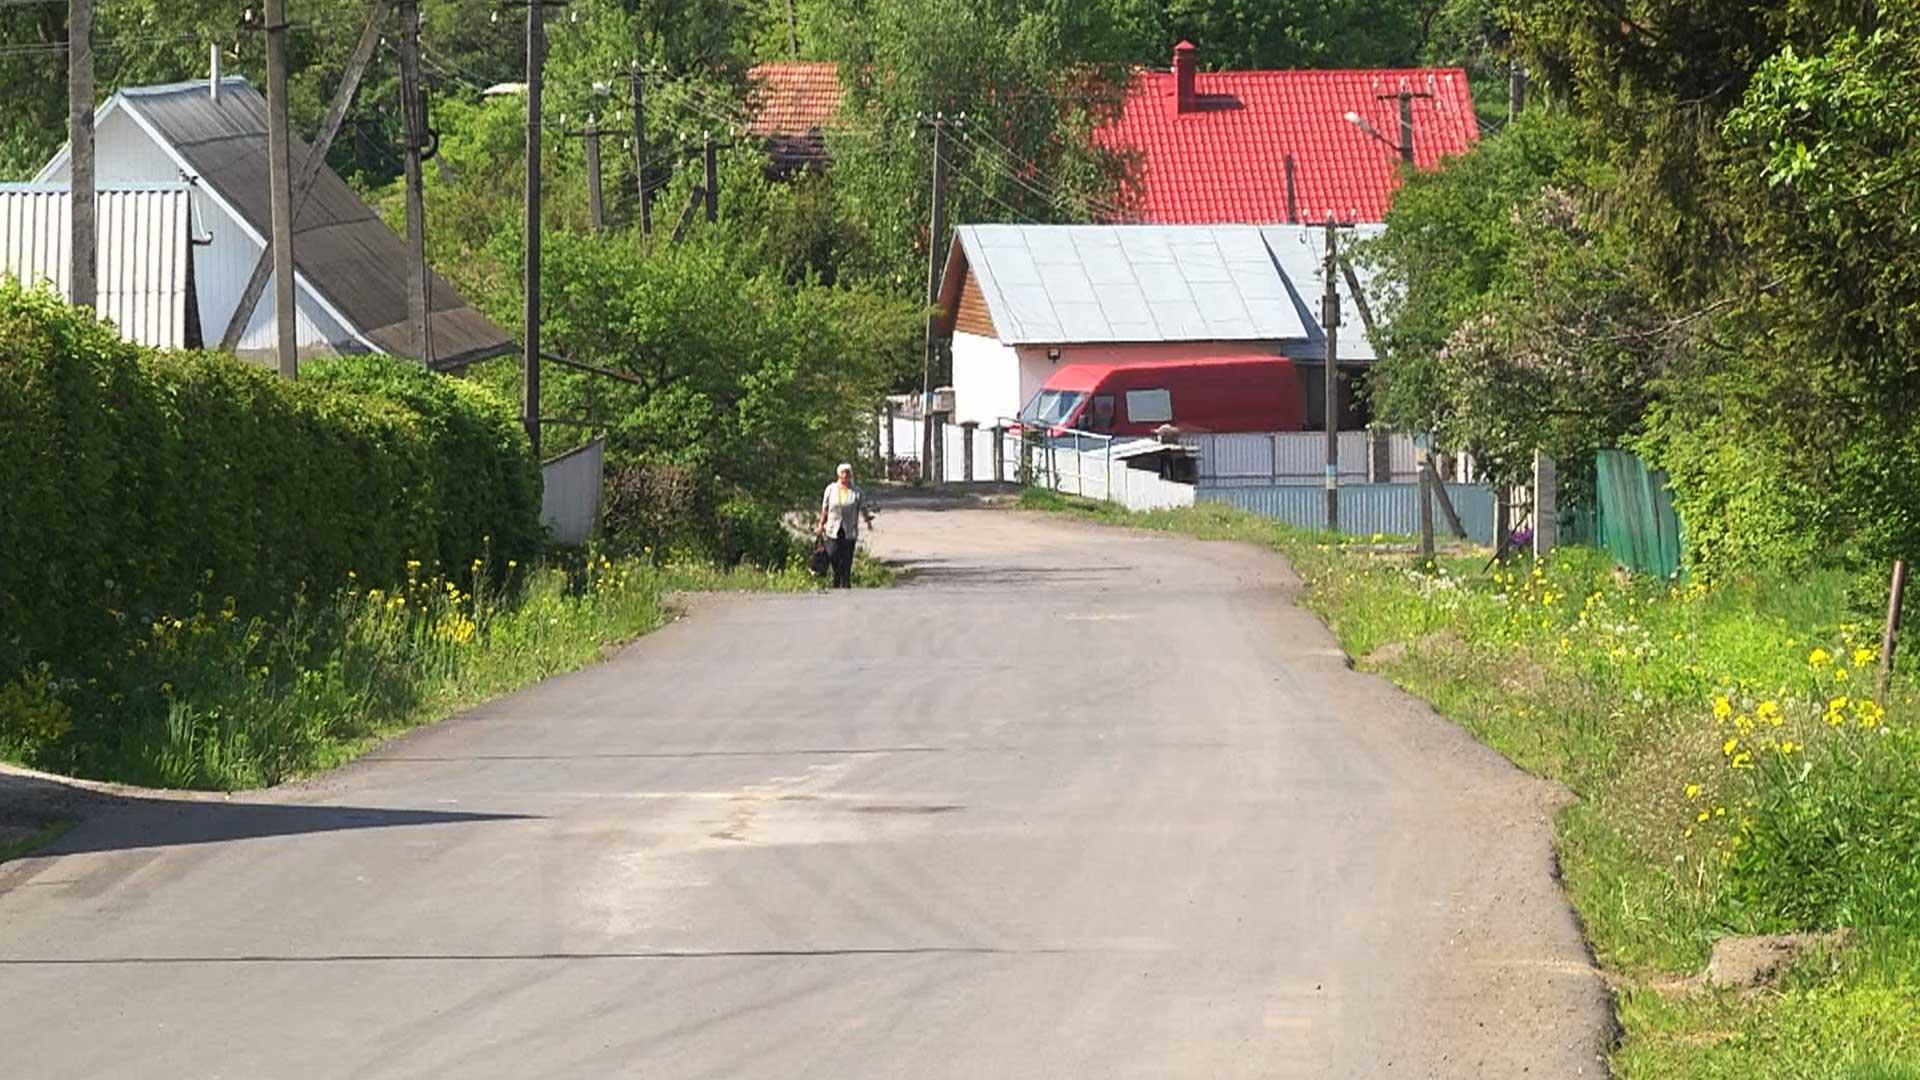 Стелять асфальт і латають ями: на Коломийщині тривають ремонти автошляхів (ВІДЕО)